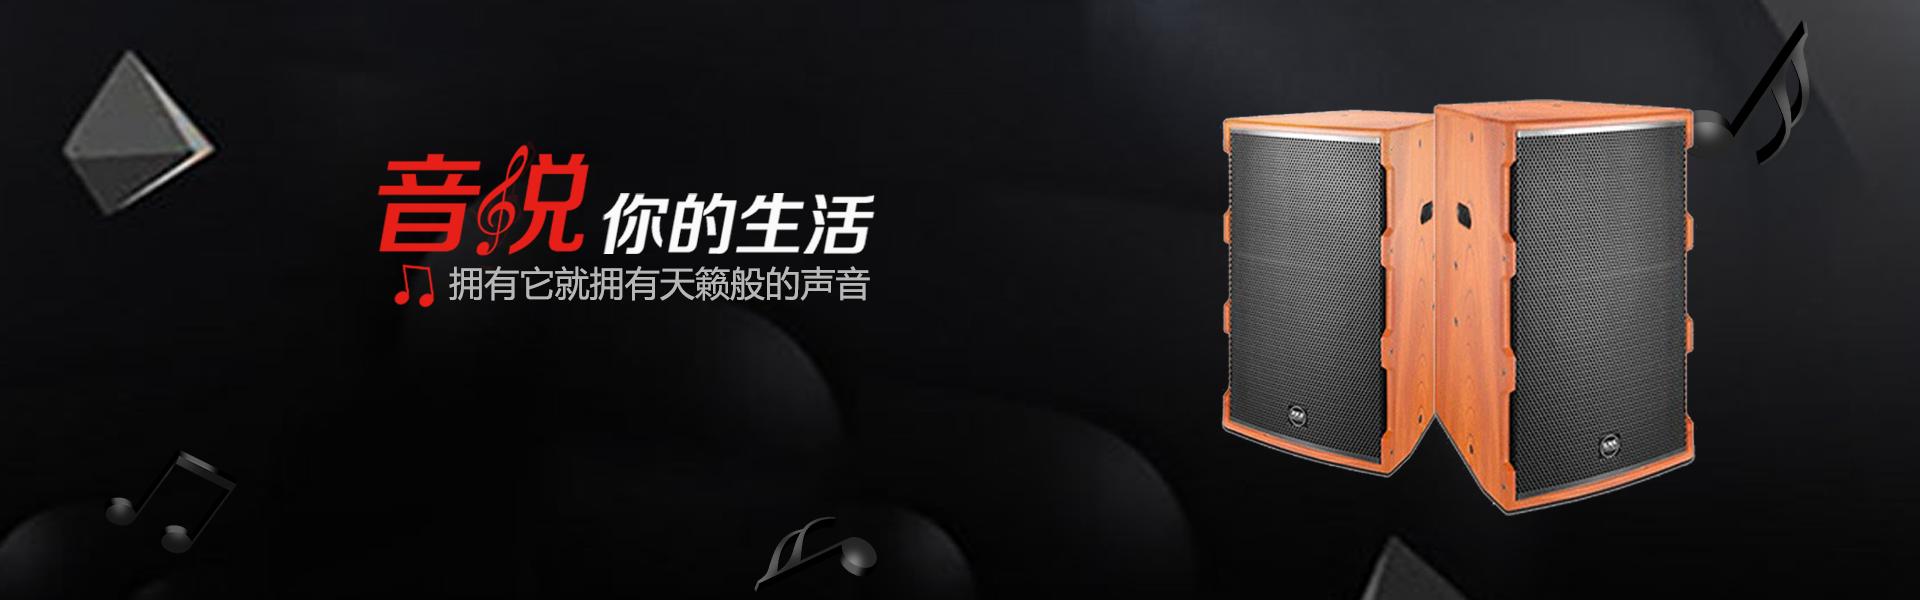 厦门宇讯通科技有限公司